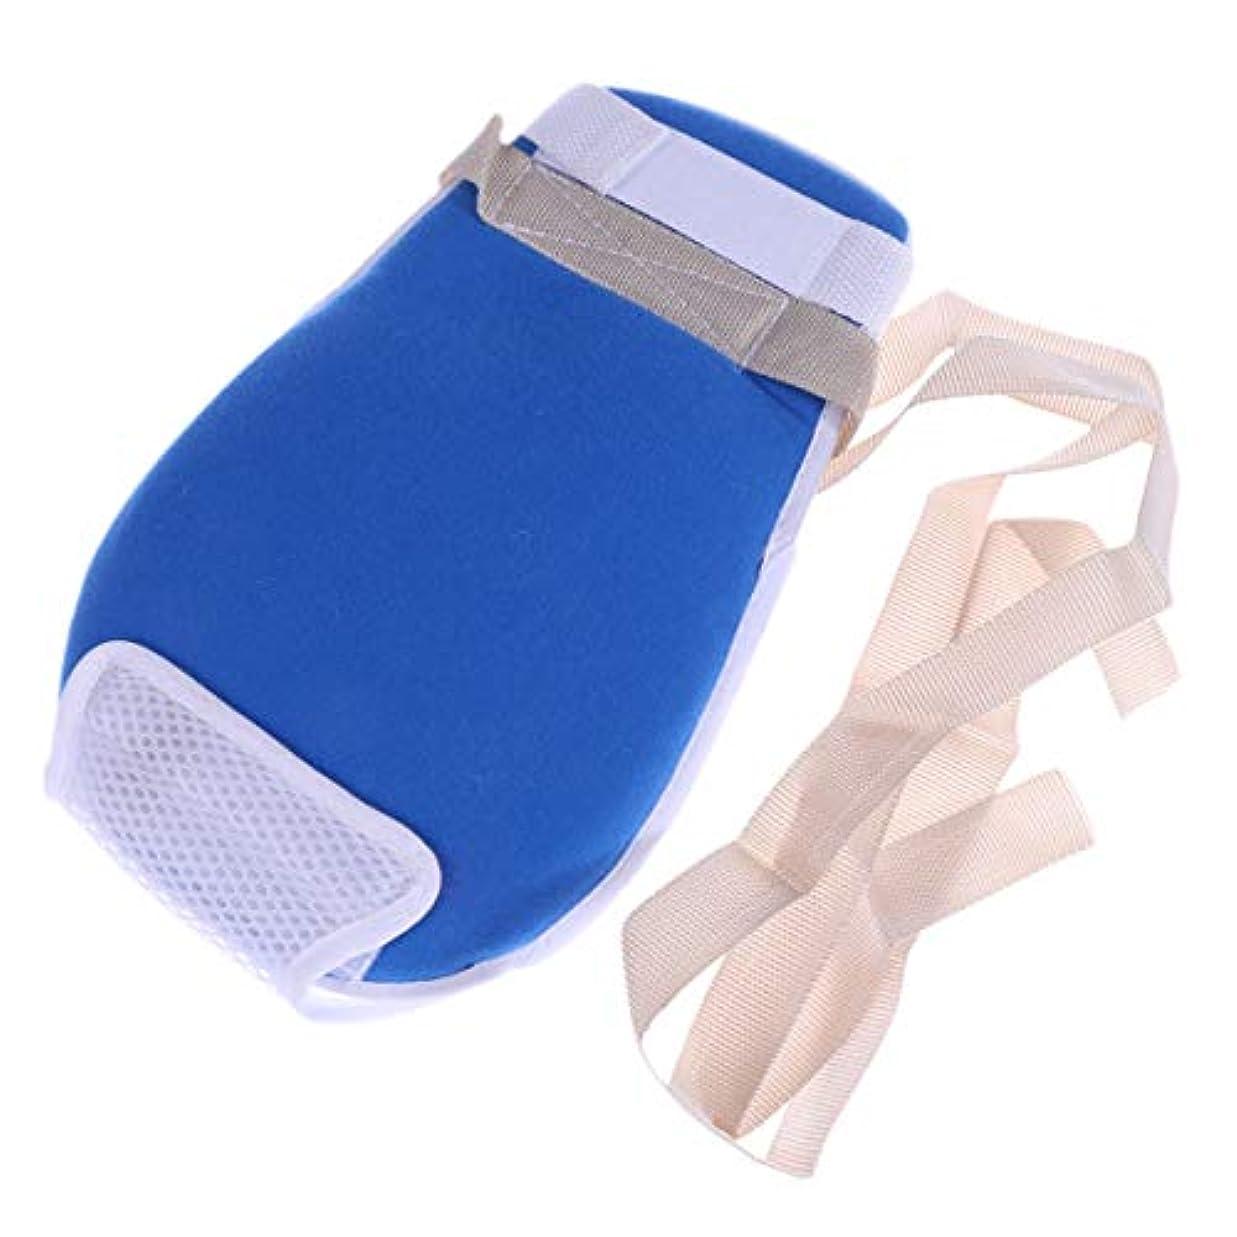 内部もう一度マーティフィールディングHealifty 制御手袋耐スクラッチ保護手袋(青)